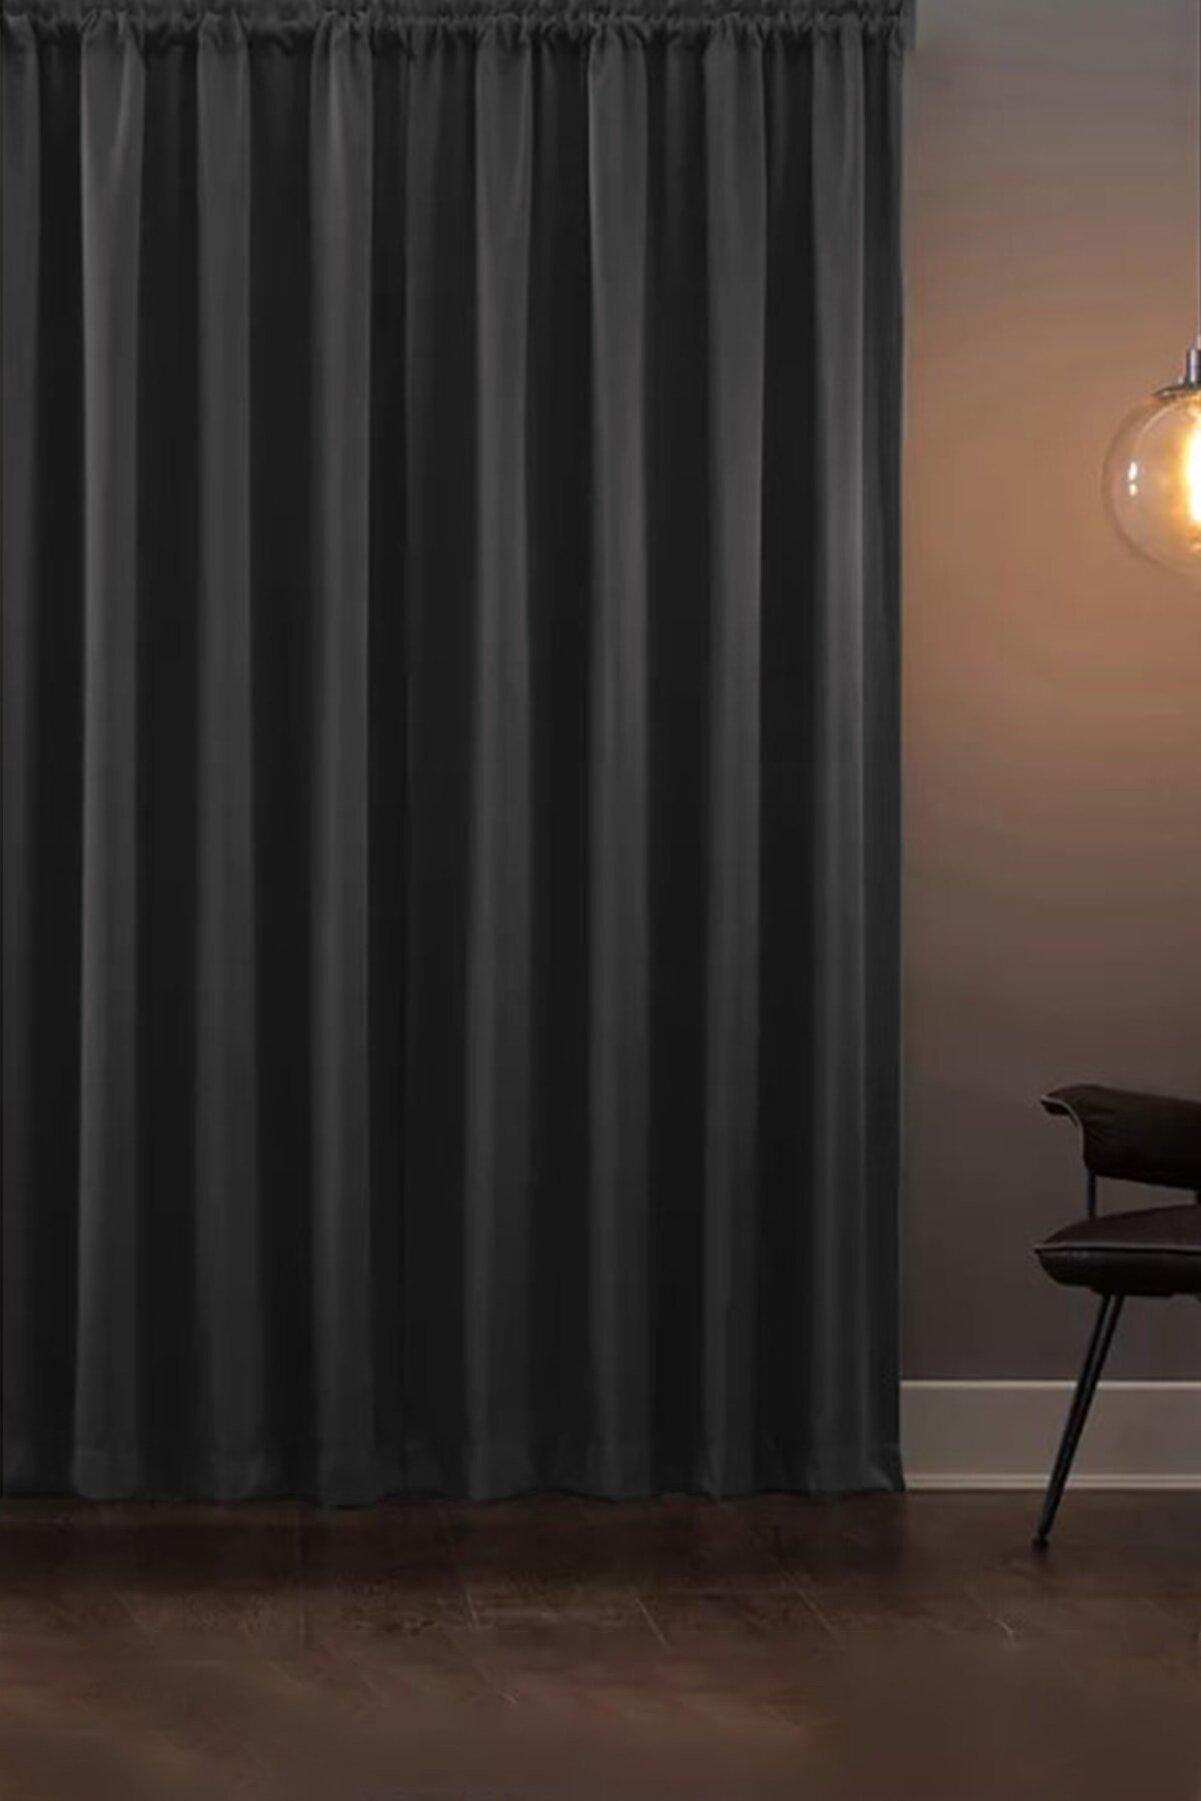 Asper Blackout Işık Geçirmez Fon Perde V-14 Füme Pilesiz Ekstraforlu Karartma Güneşlik